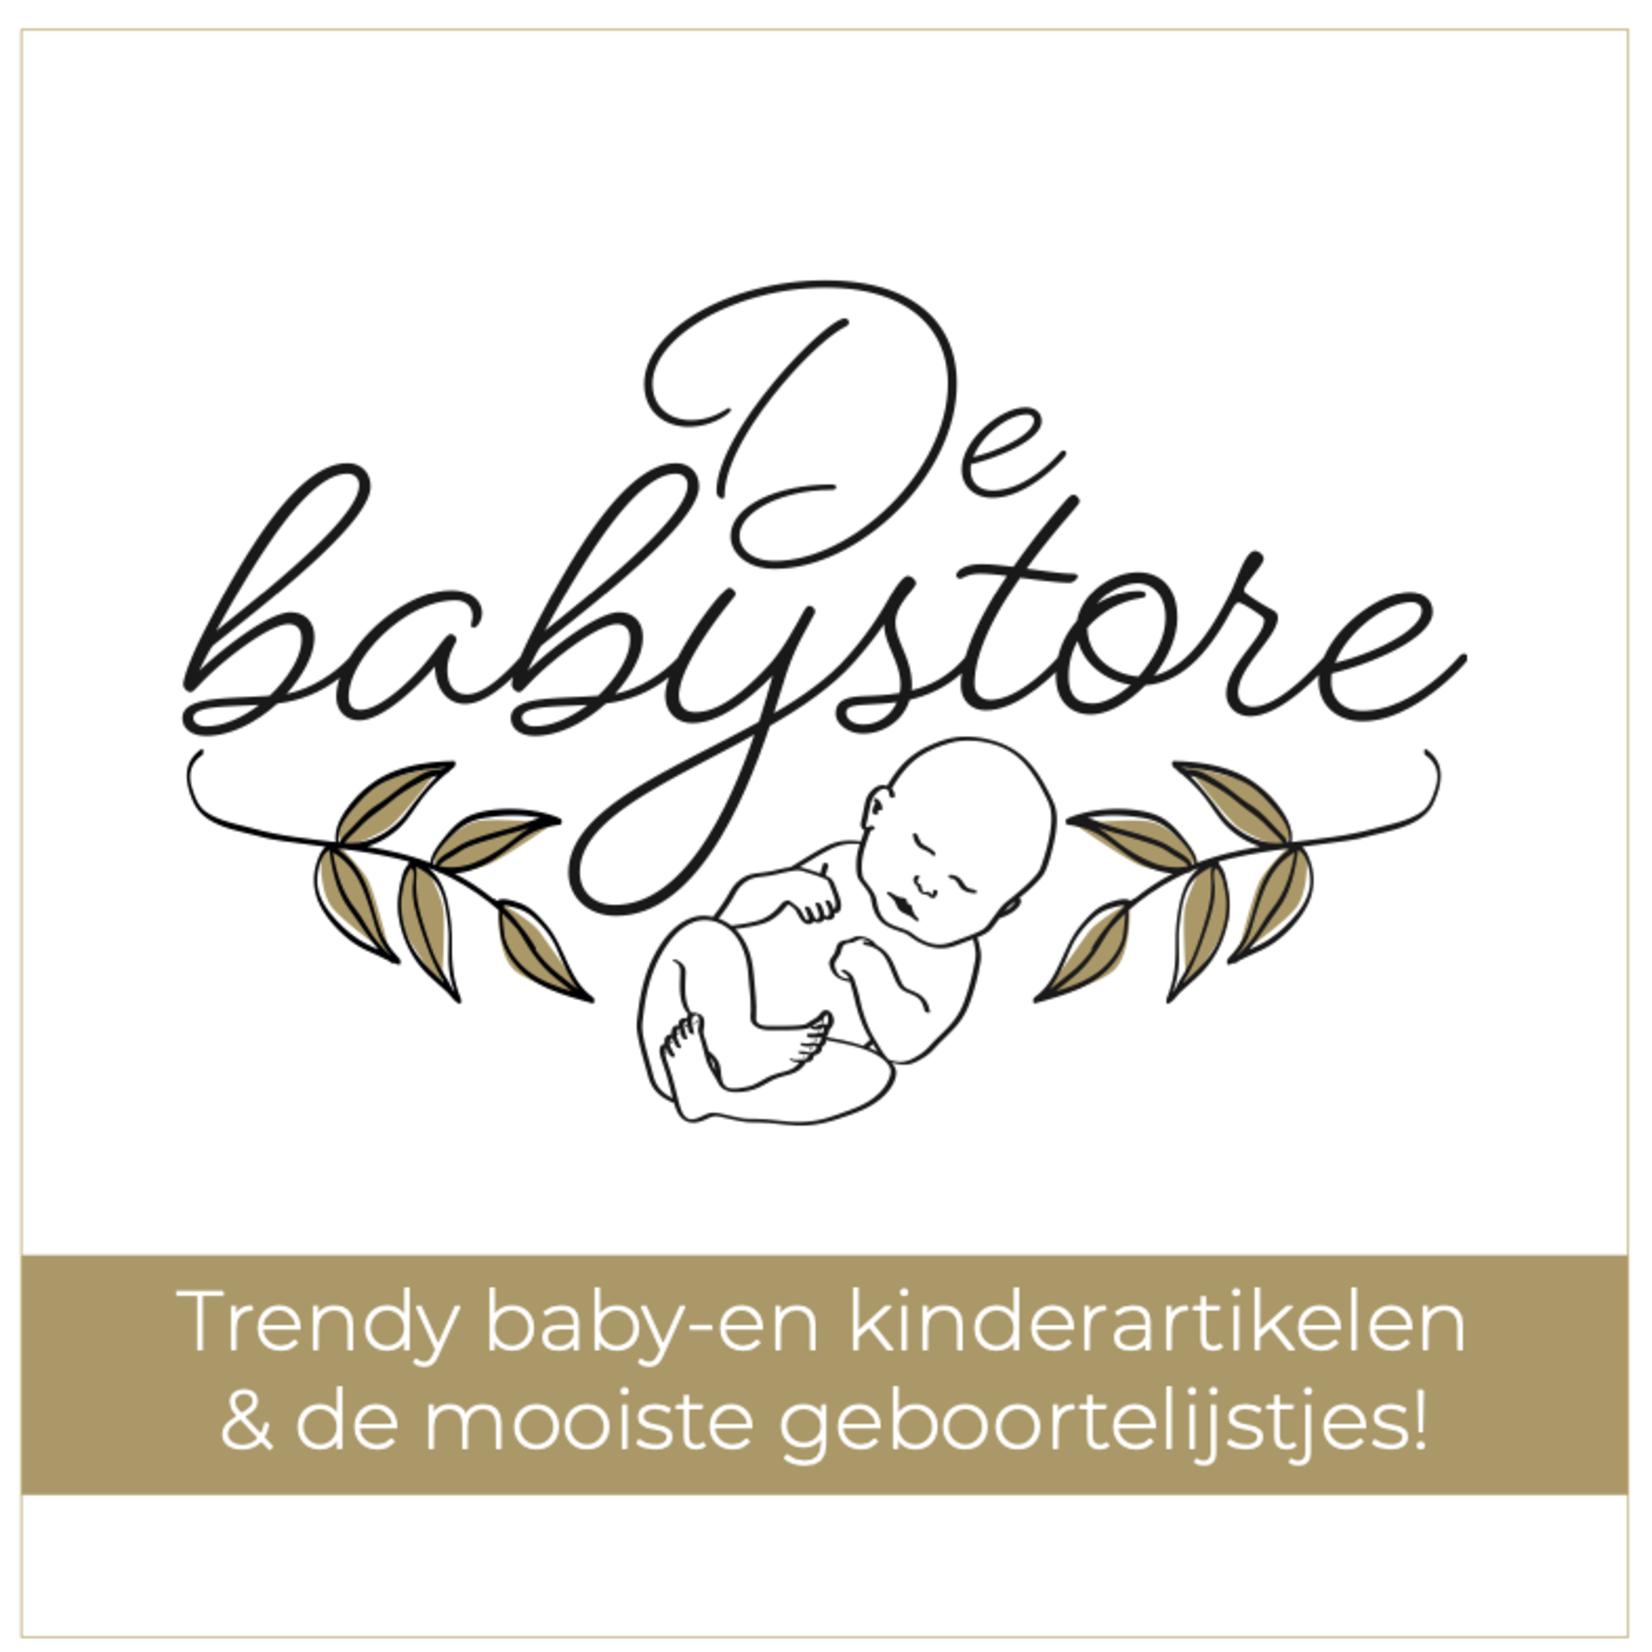 De babystore De babystore Papieren geschenkbon 5 euro